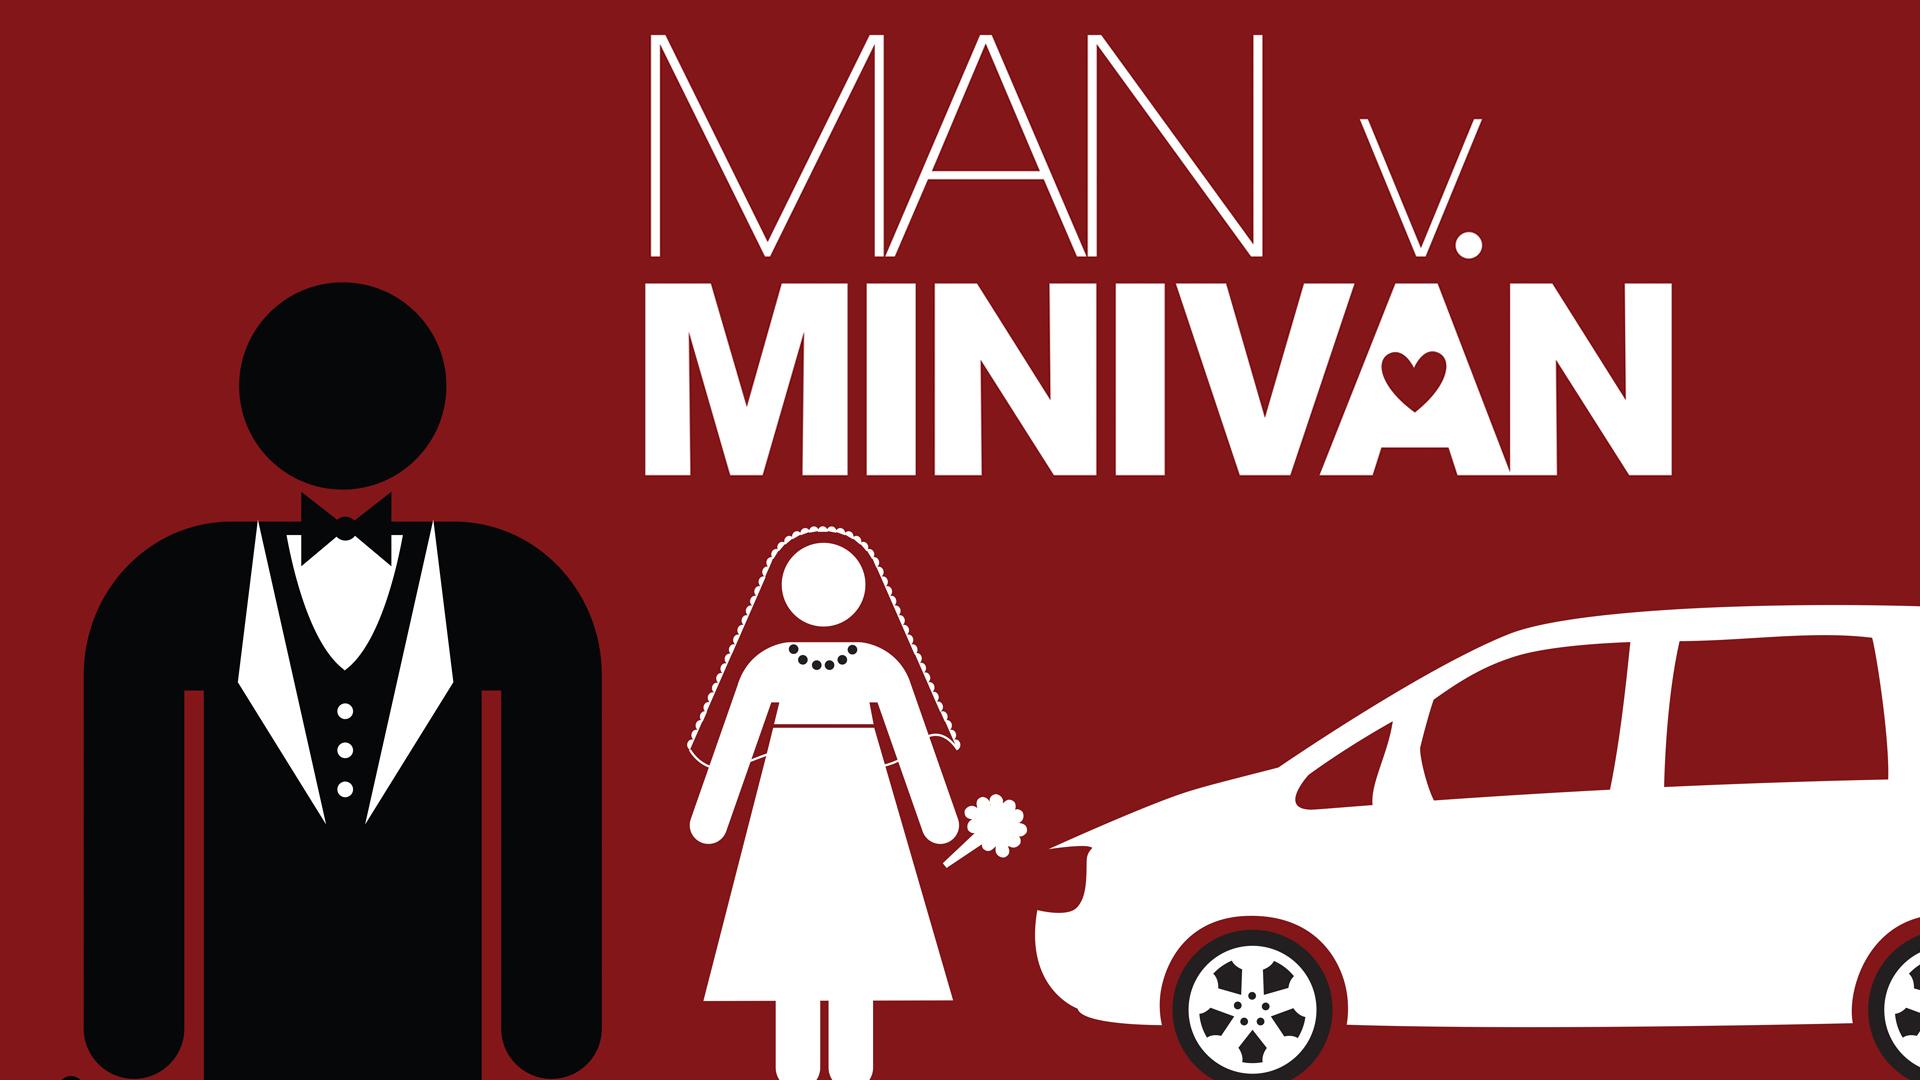 Man V. Minivan